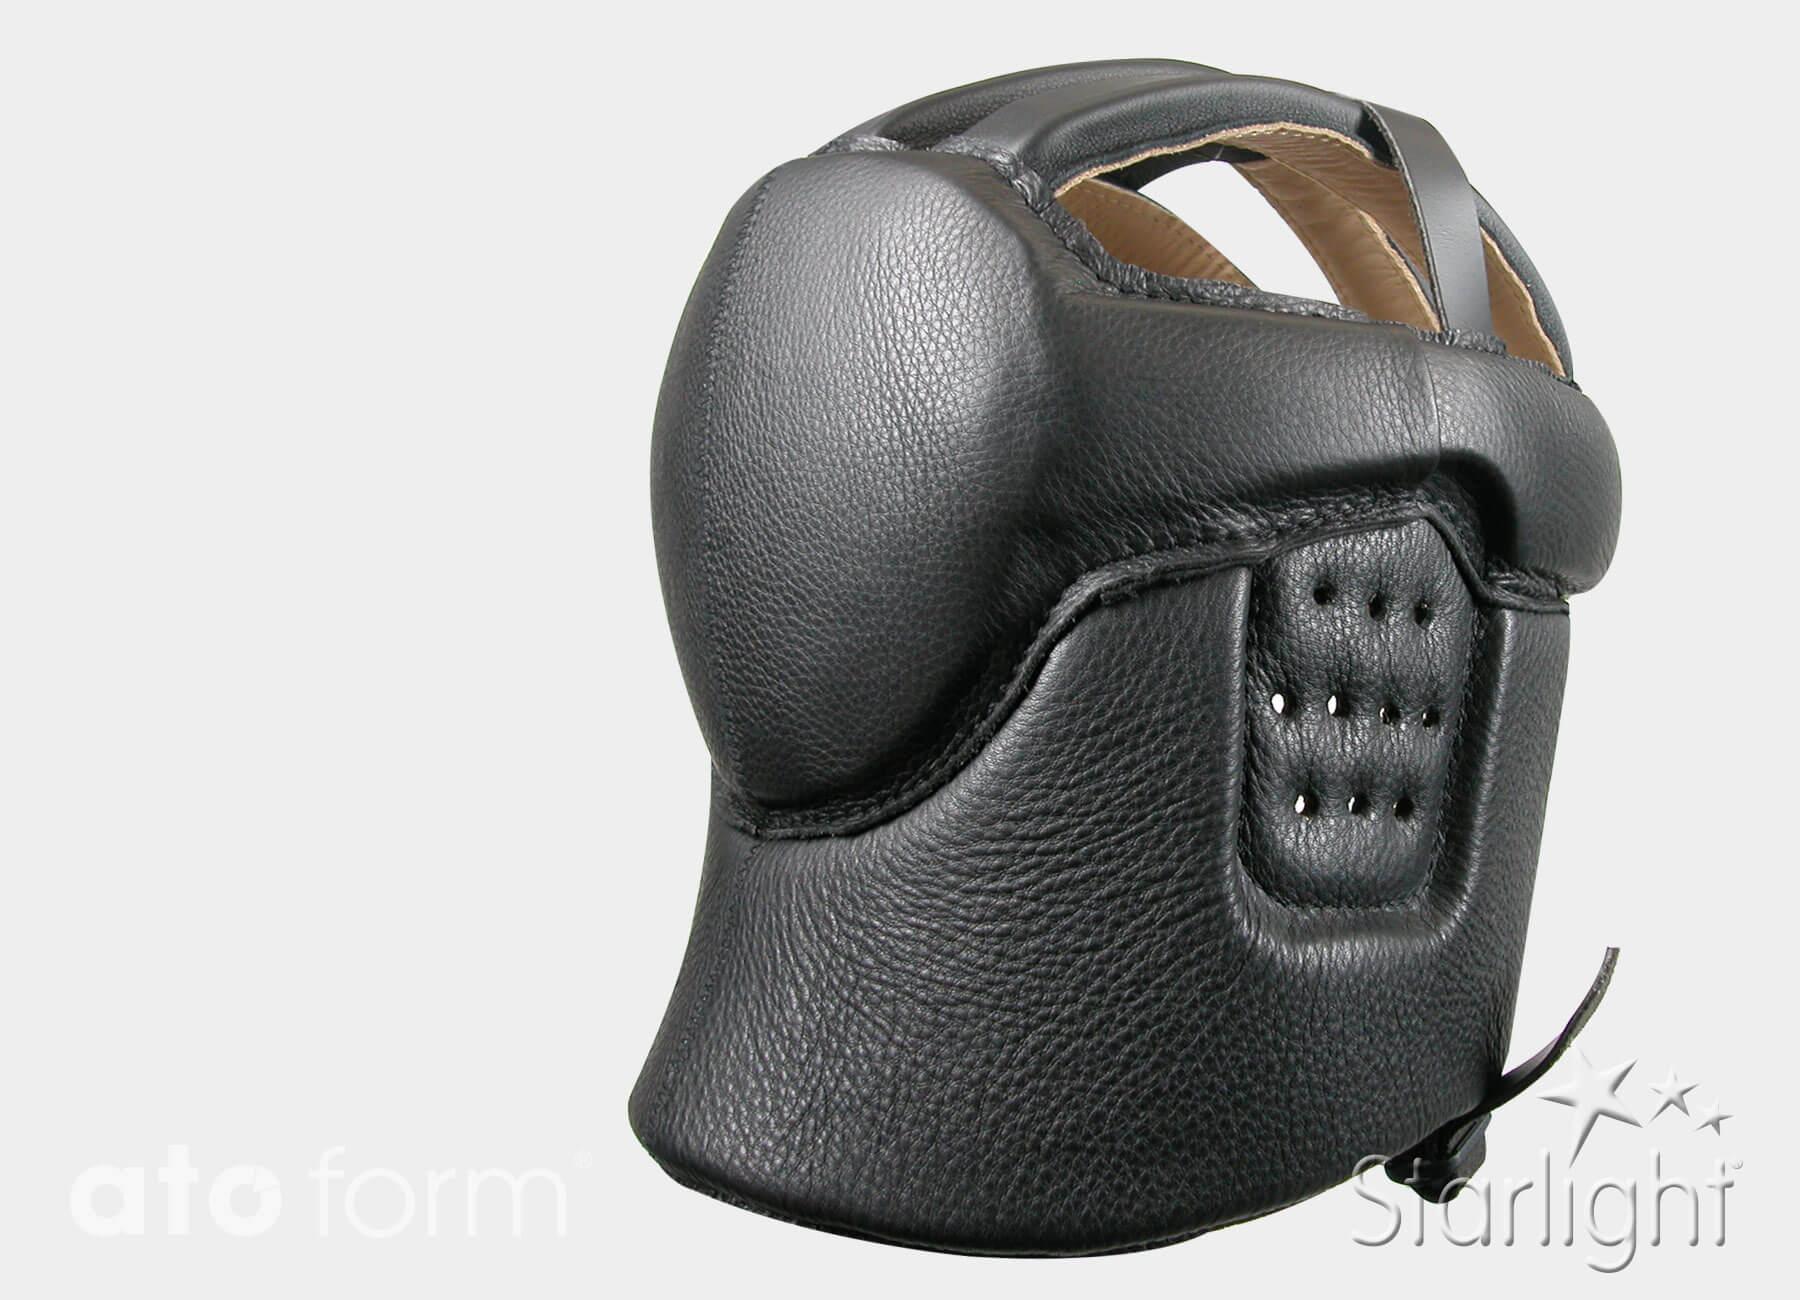 Starlight® Protect met nekbescherming